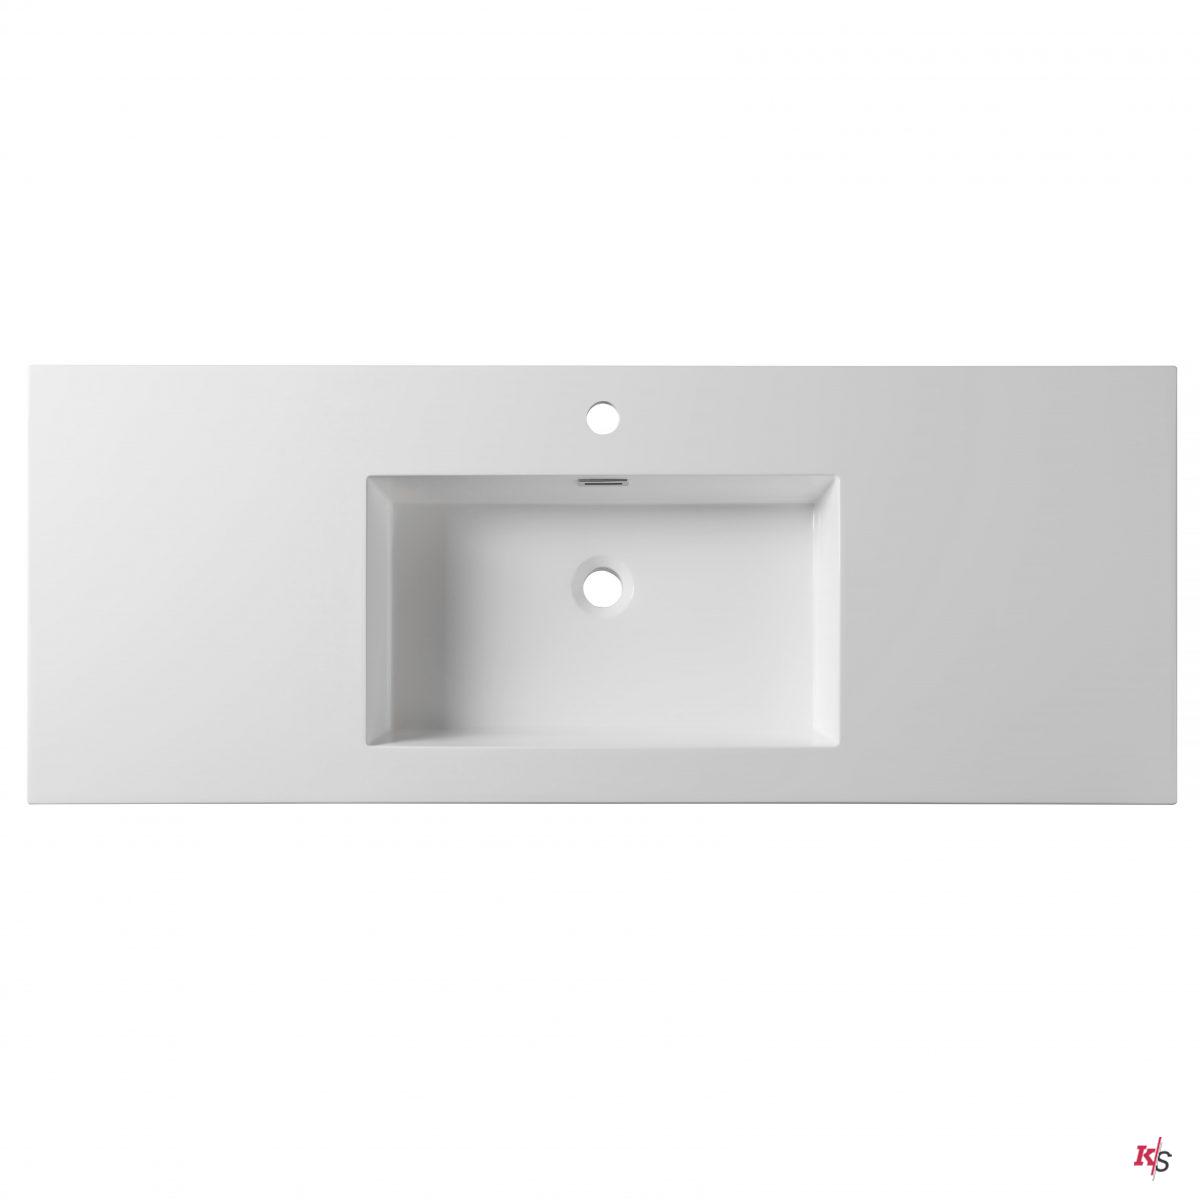 Acrylic Top-Mount Single Basin 48 x 18